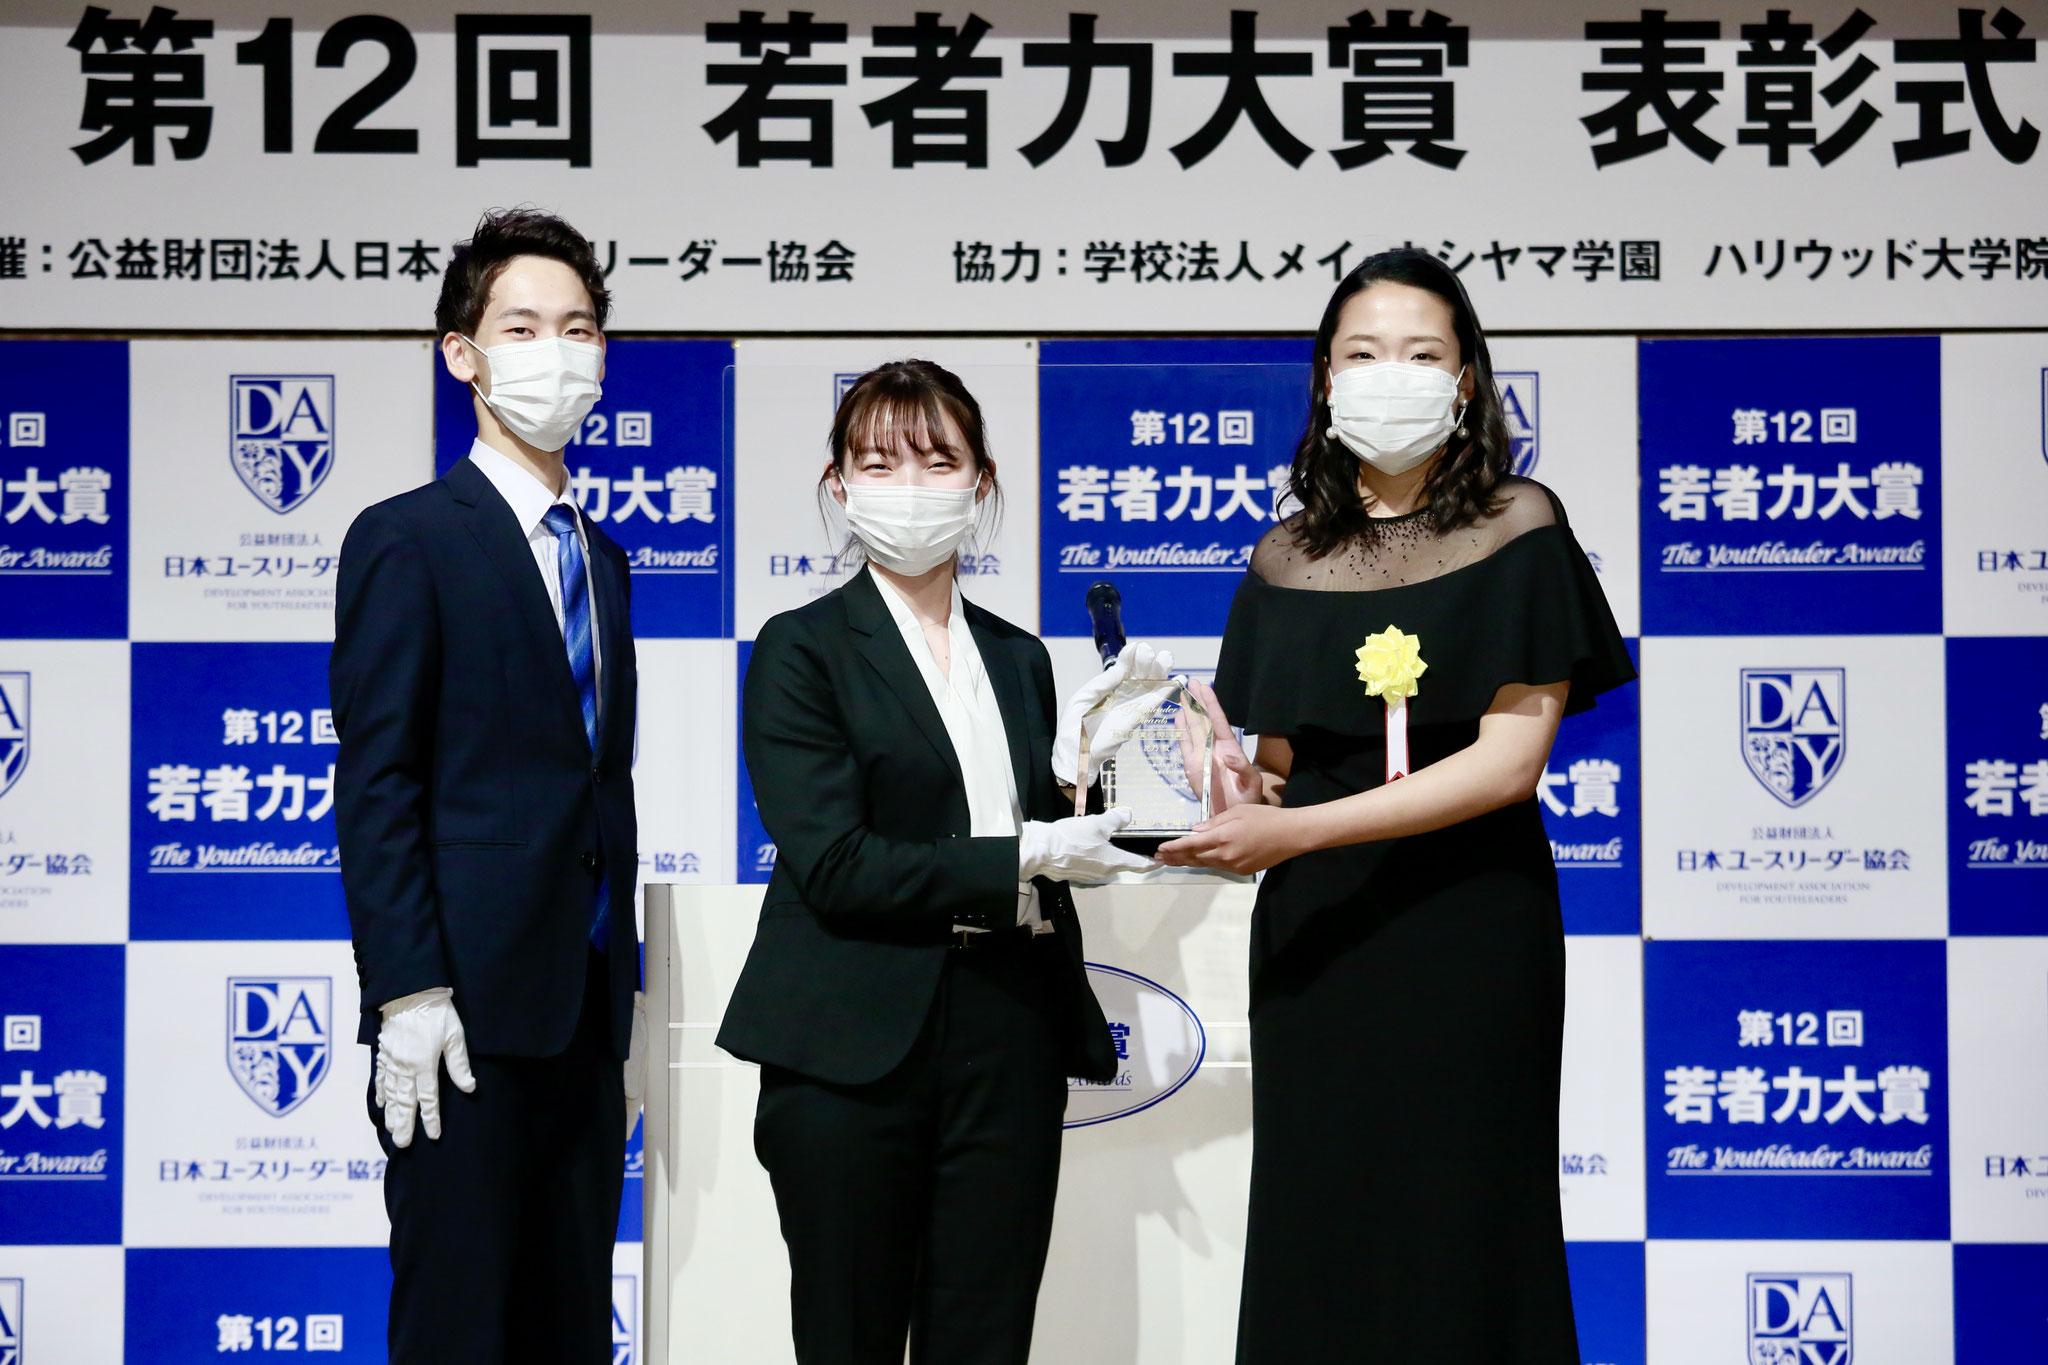 左から:学生実行委員 佐藤さん、佐々木さん 右:実行委員会特別賞受賞 中川花乃さん